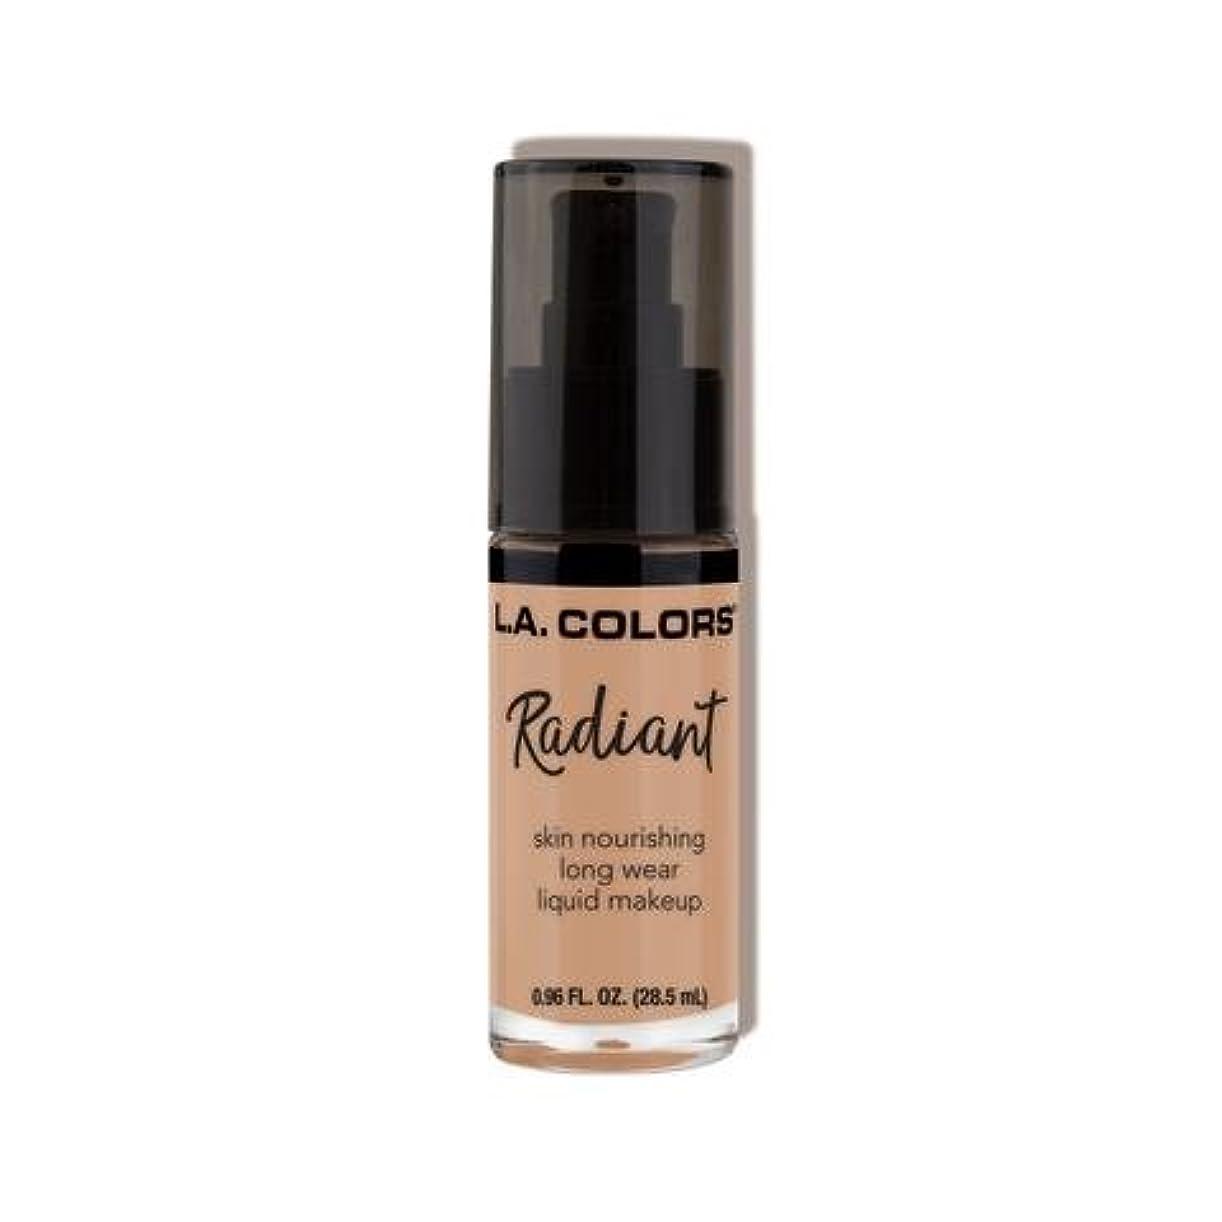 (6 Pack) L.A. COLORS Radiant Liquid Makeup - Medium Tan (並行輸入品)